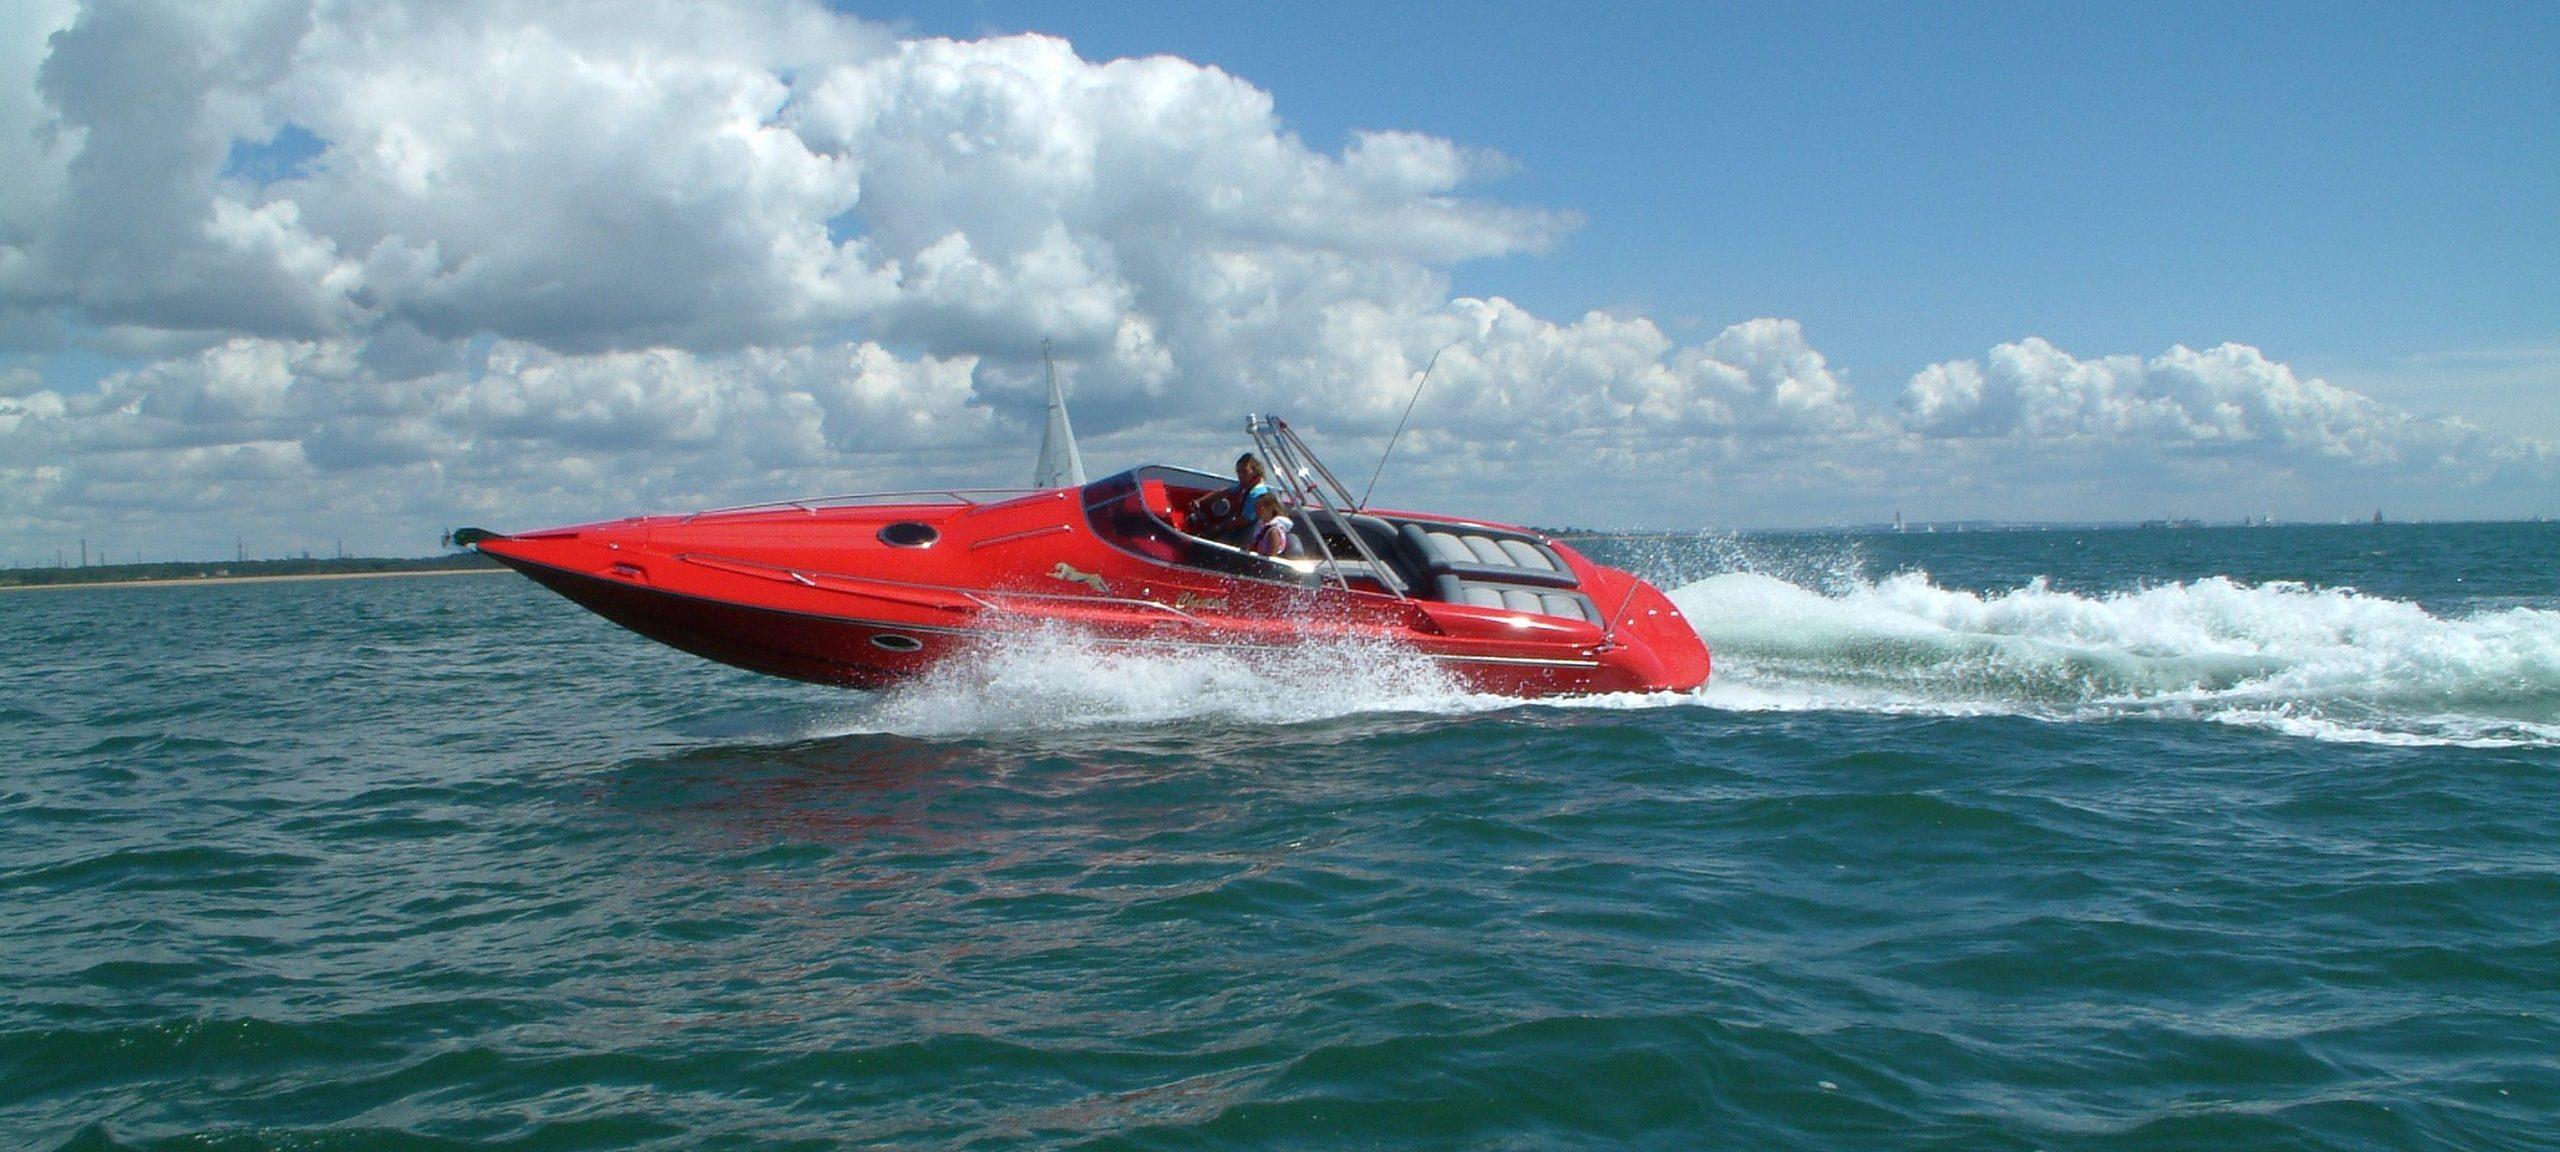 red hunton powerboat in open water